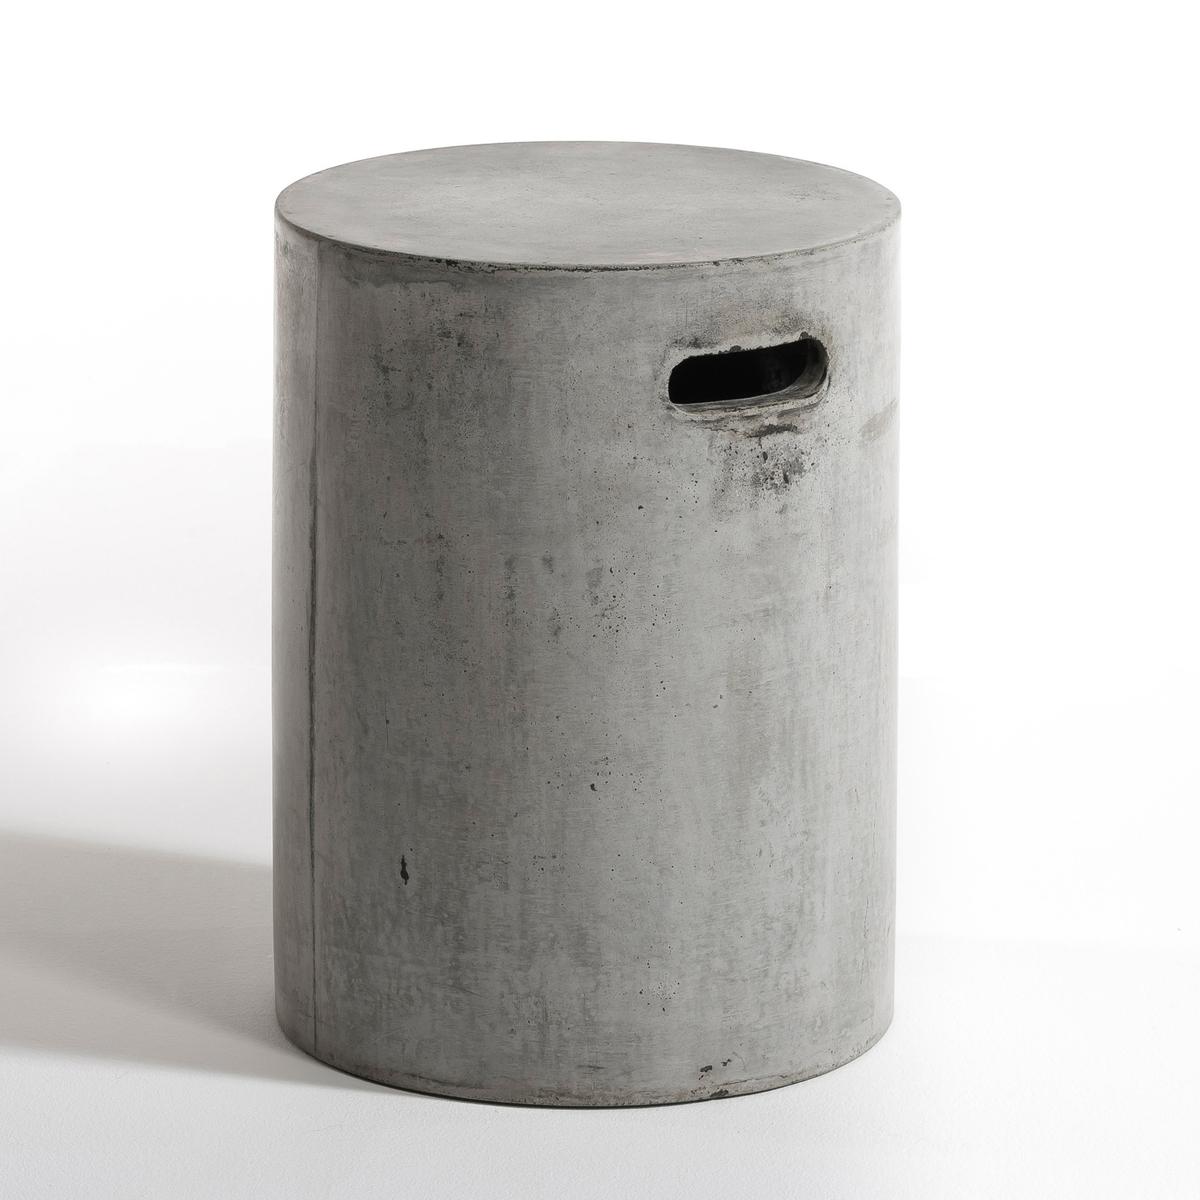 Журнальный La Redoute Столик Tatum цемент единый размер серый туалетный la redoute столик clairoy единый размер каштановый